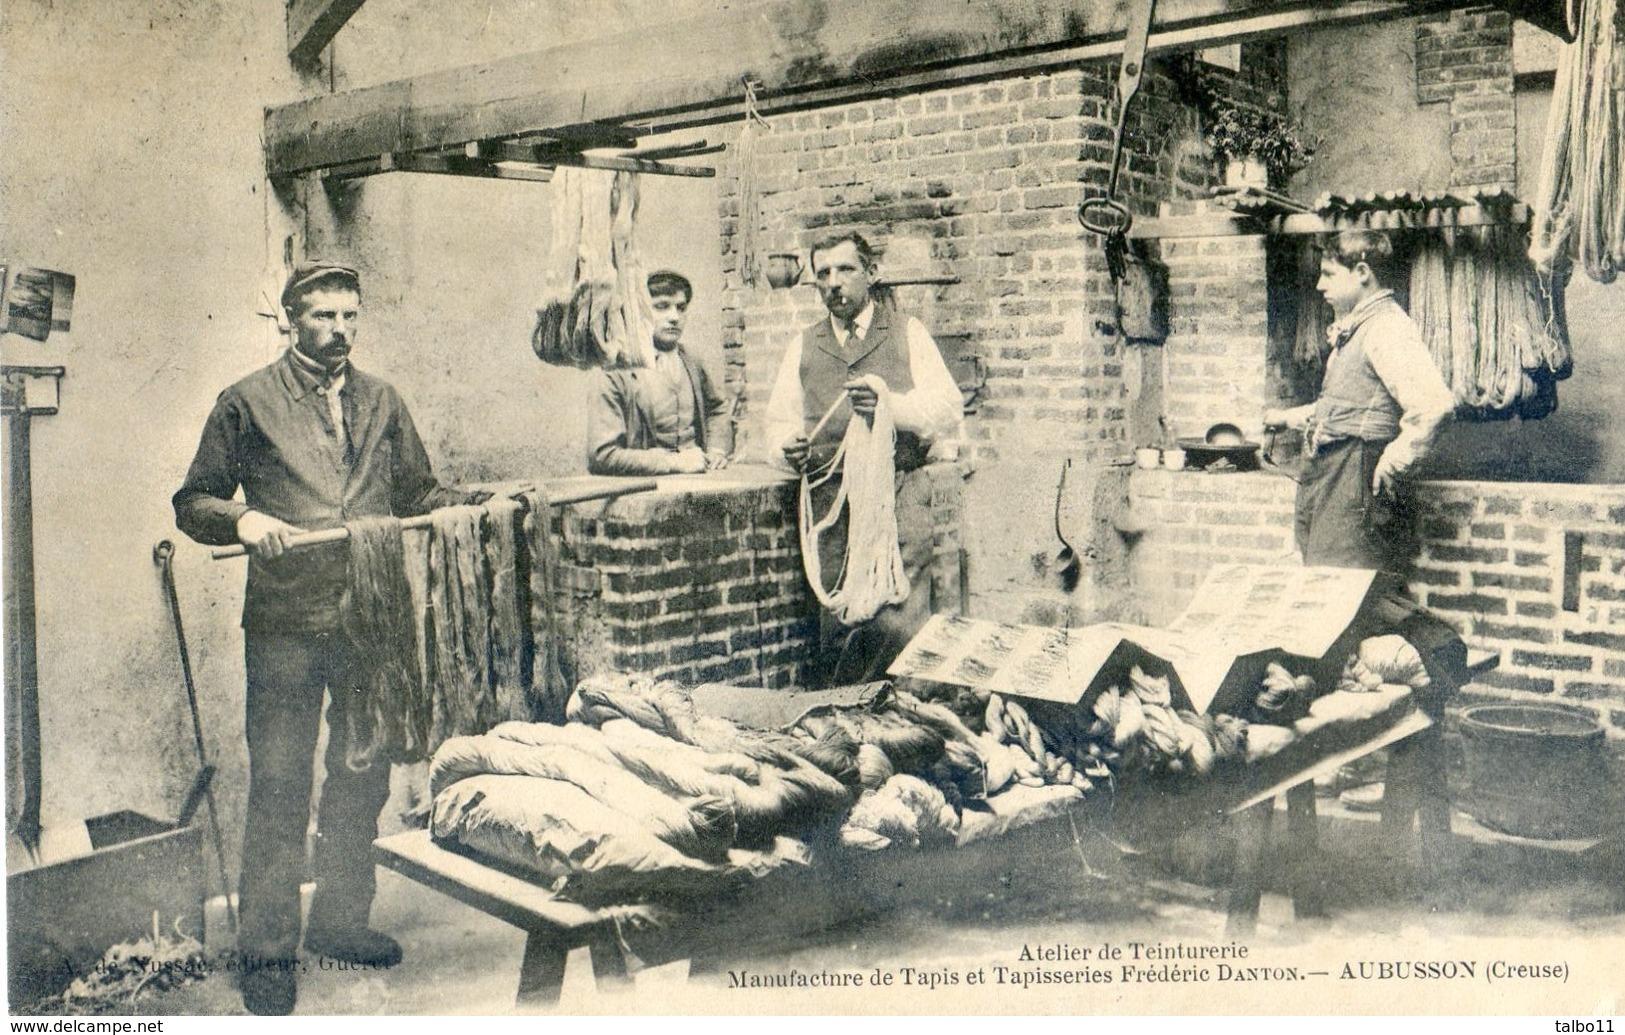 23 - Aubusson - Manufacture De Tapis Et Tapisseries Frédéric Danton - Atelier De Teinturerie - Aubusson